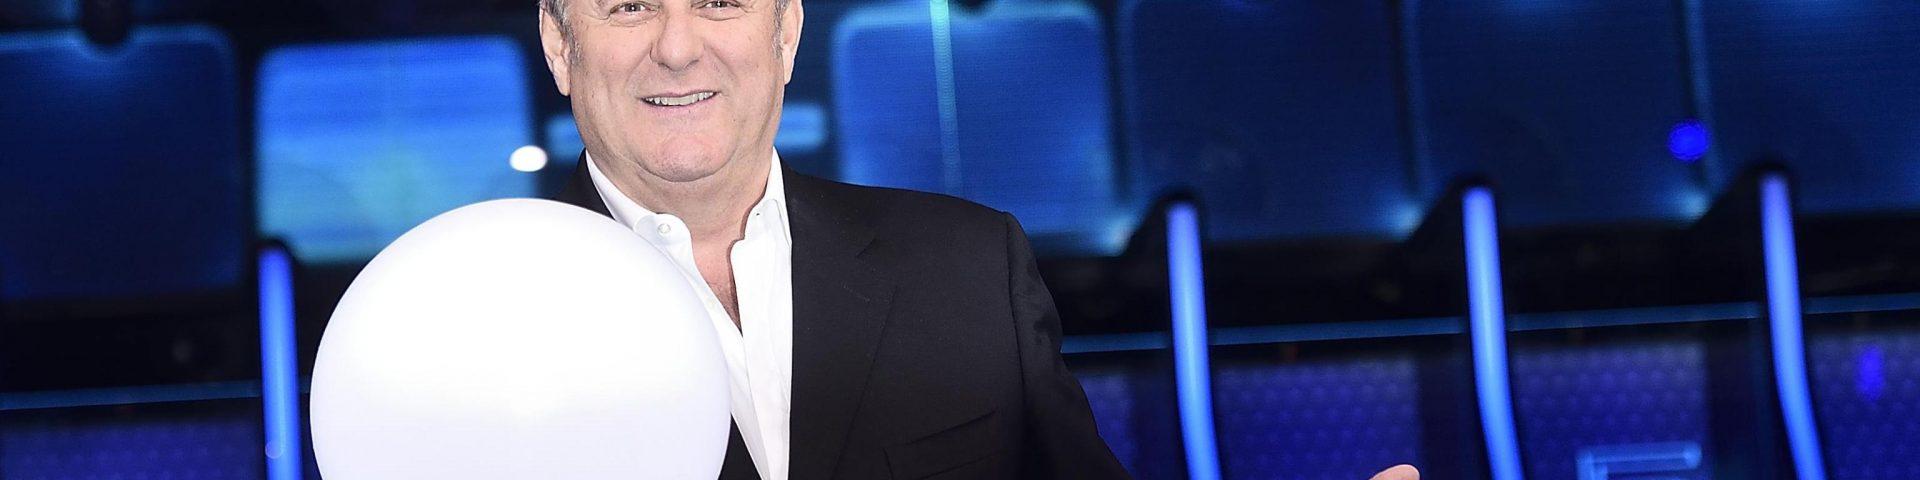 Gerry Scotti a Sanremo 2021?